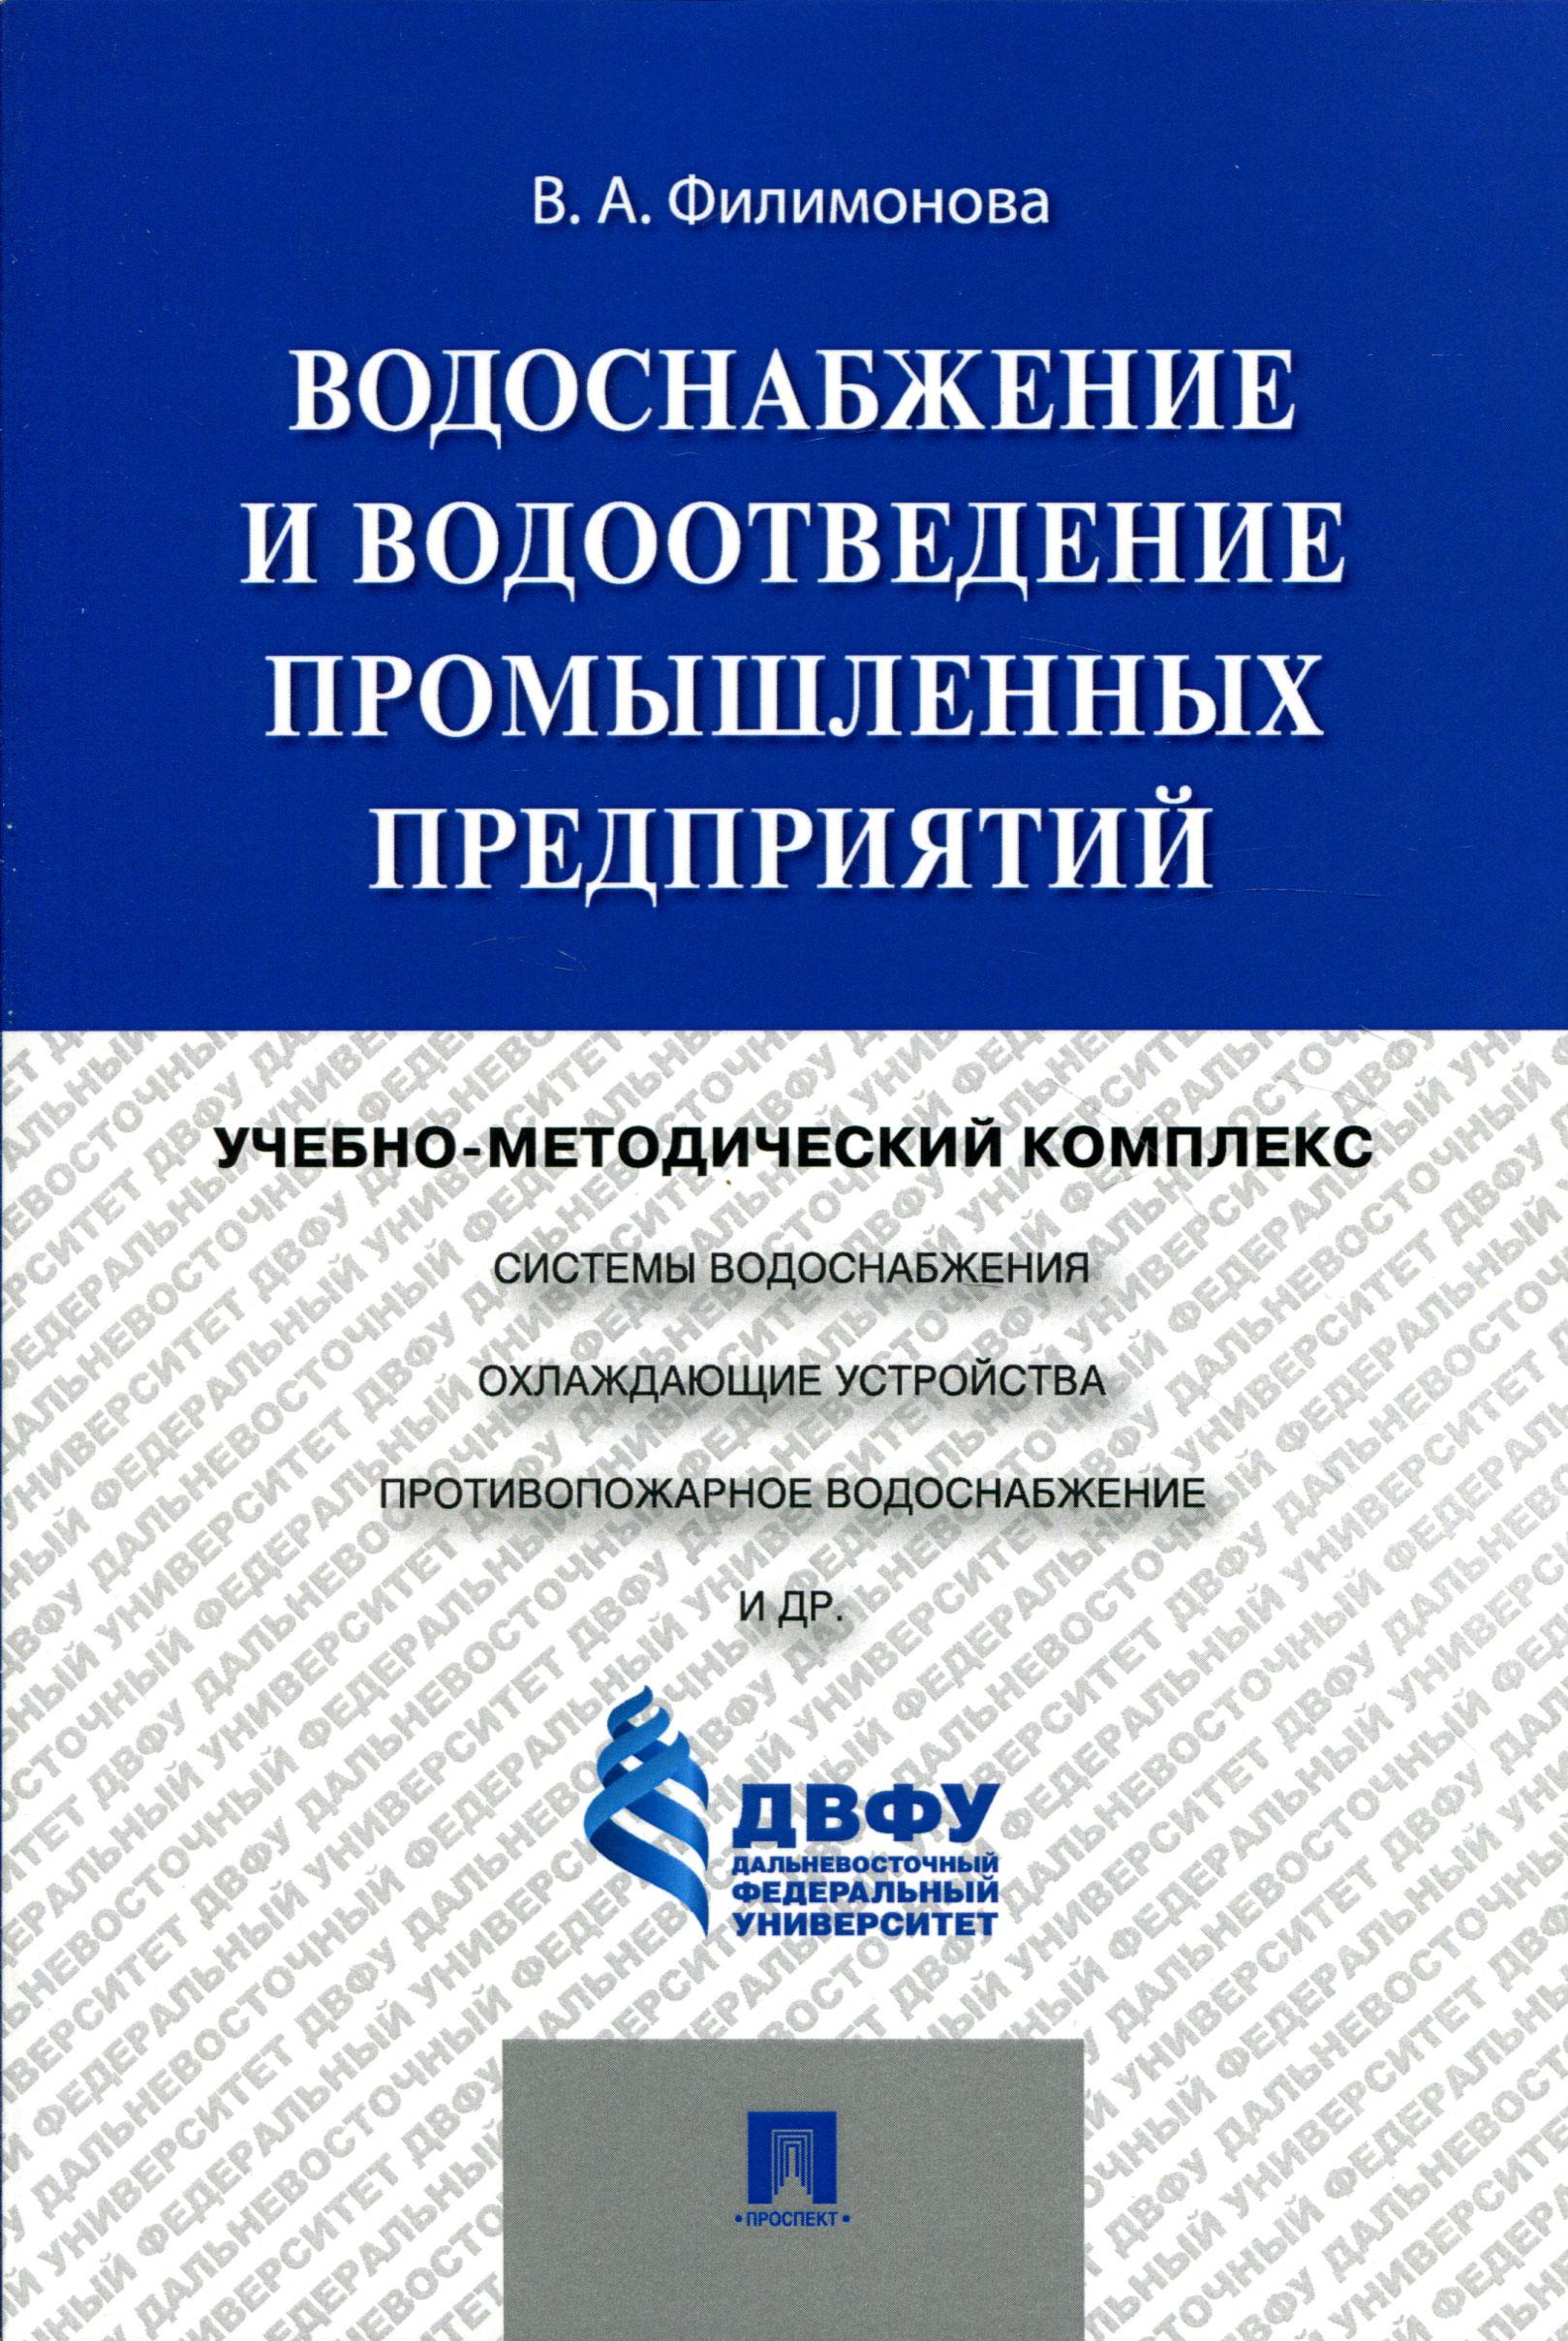 В. А. Филимонова Водоснабжение и водоотведение промышленных предприятий. Учебно-методический комплекс